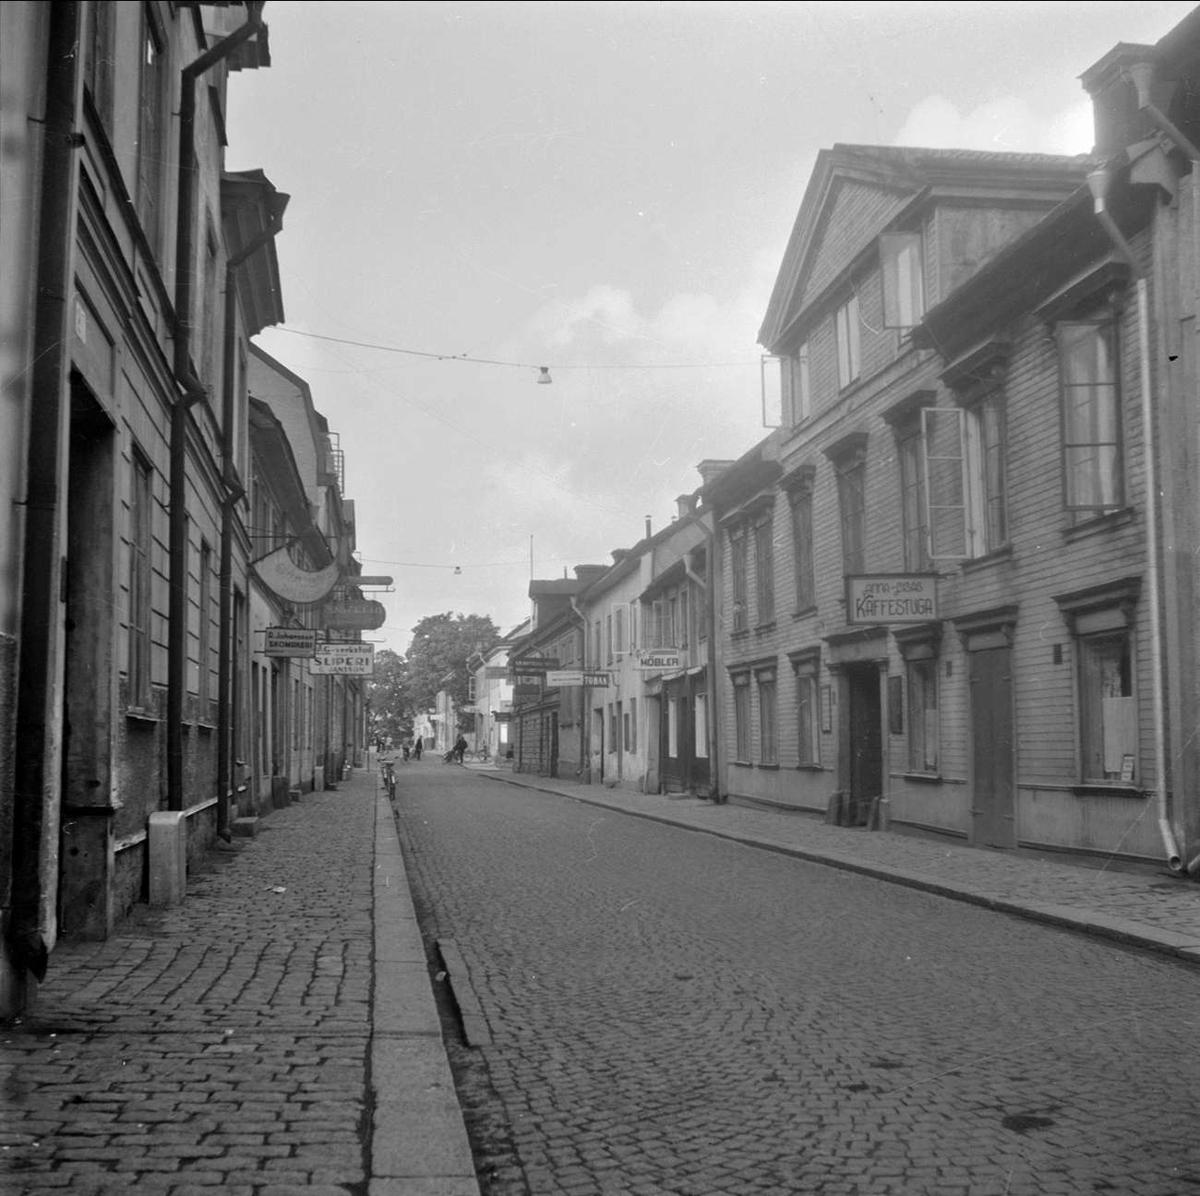 Uppsala över gården I - Dragarbrunnsgatan, Uppsala 1949